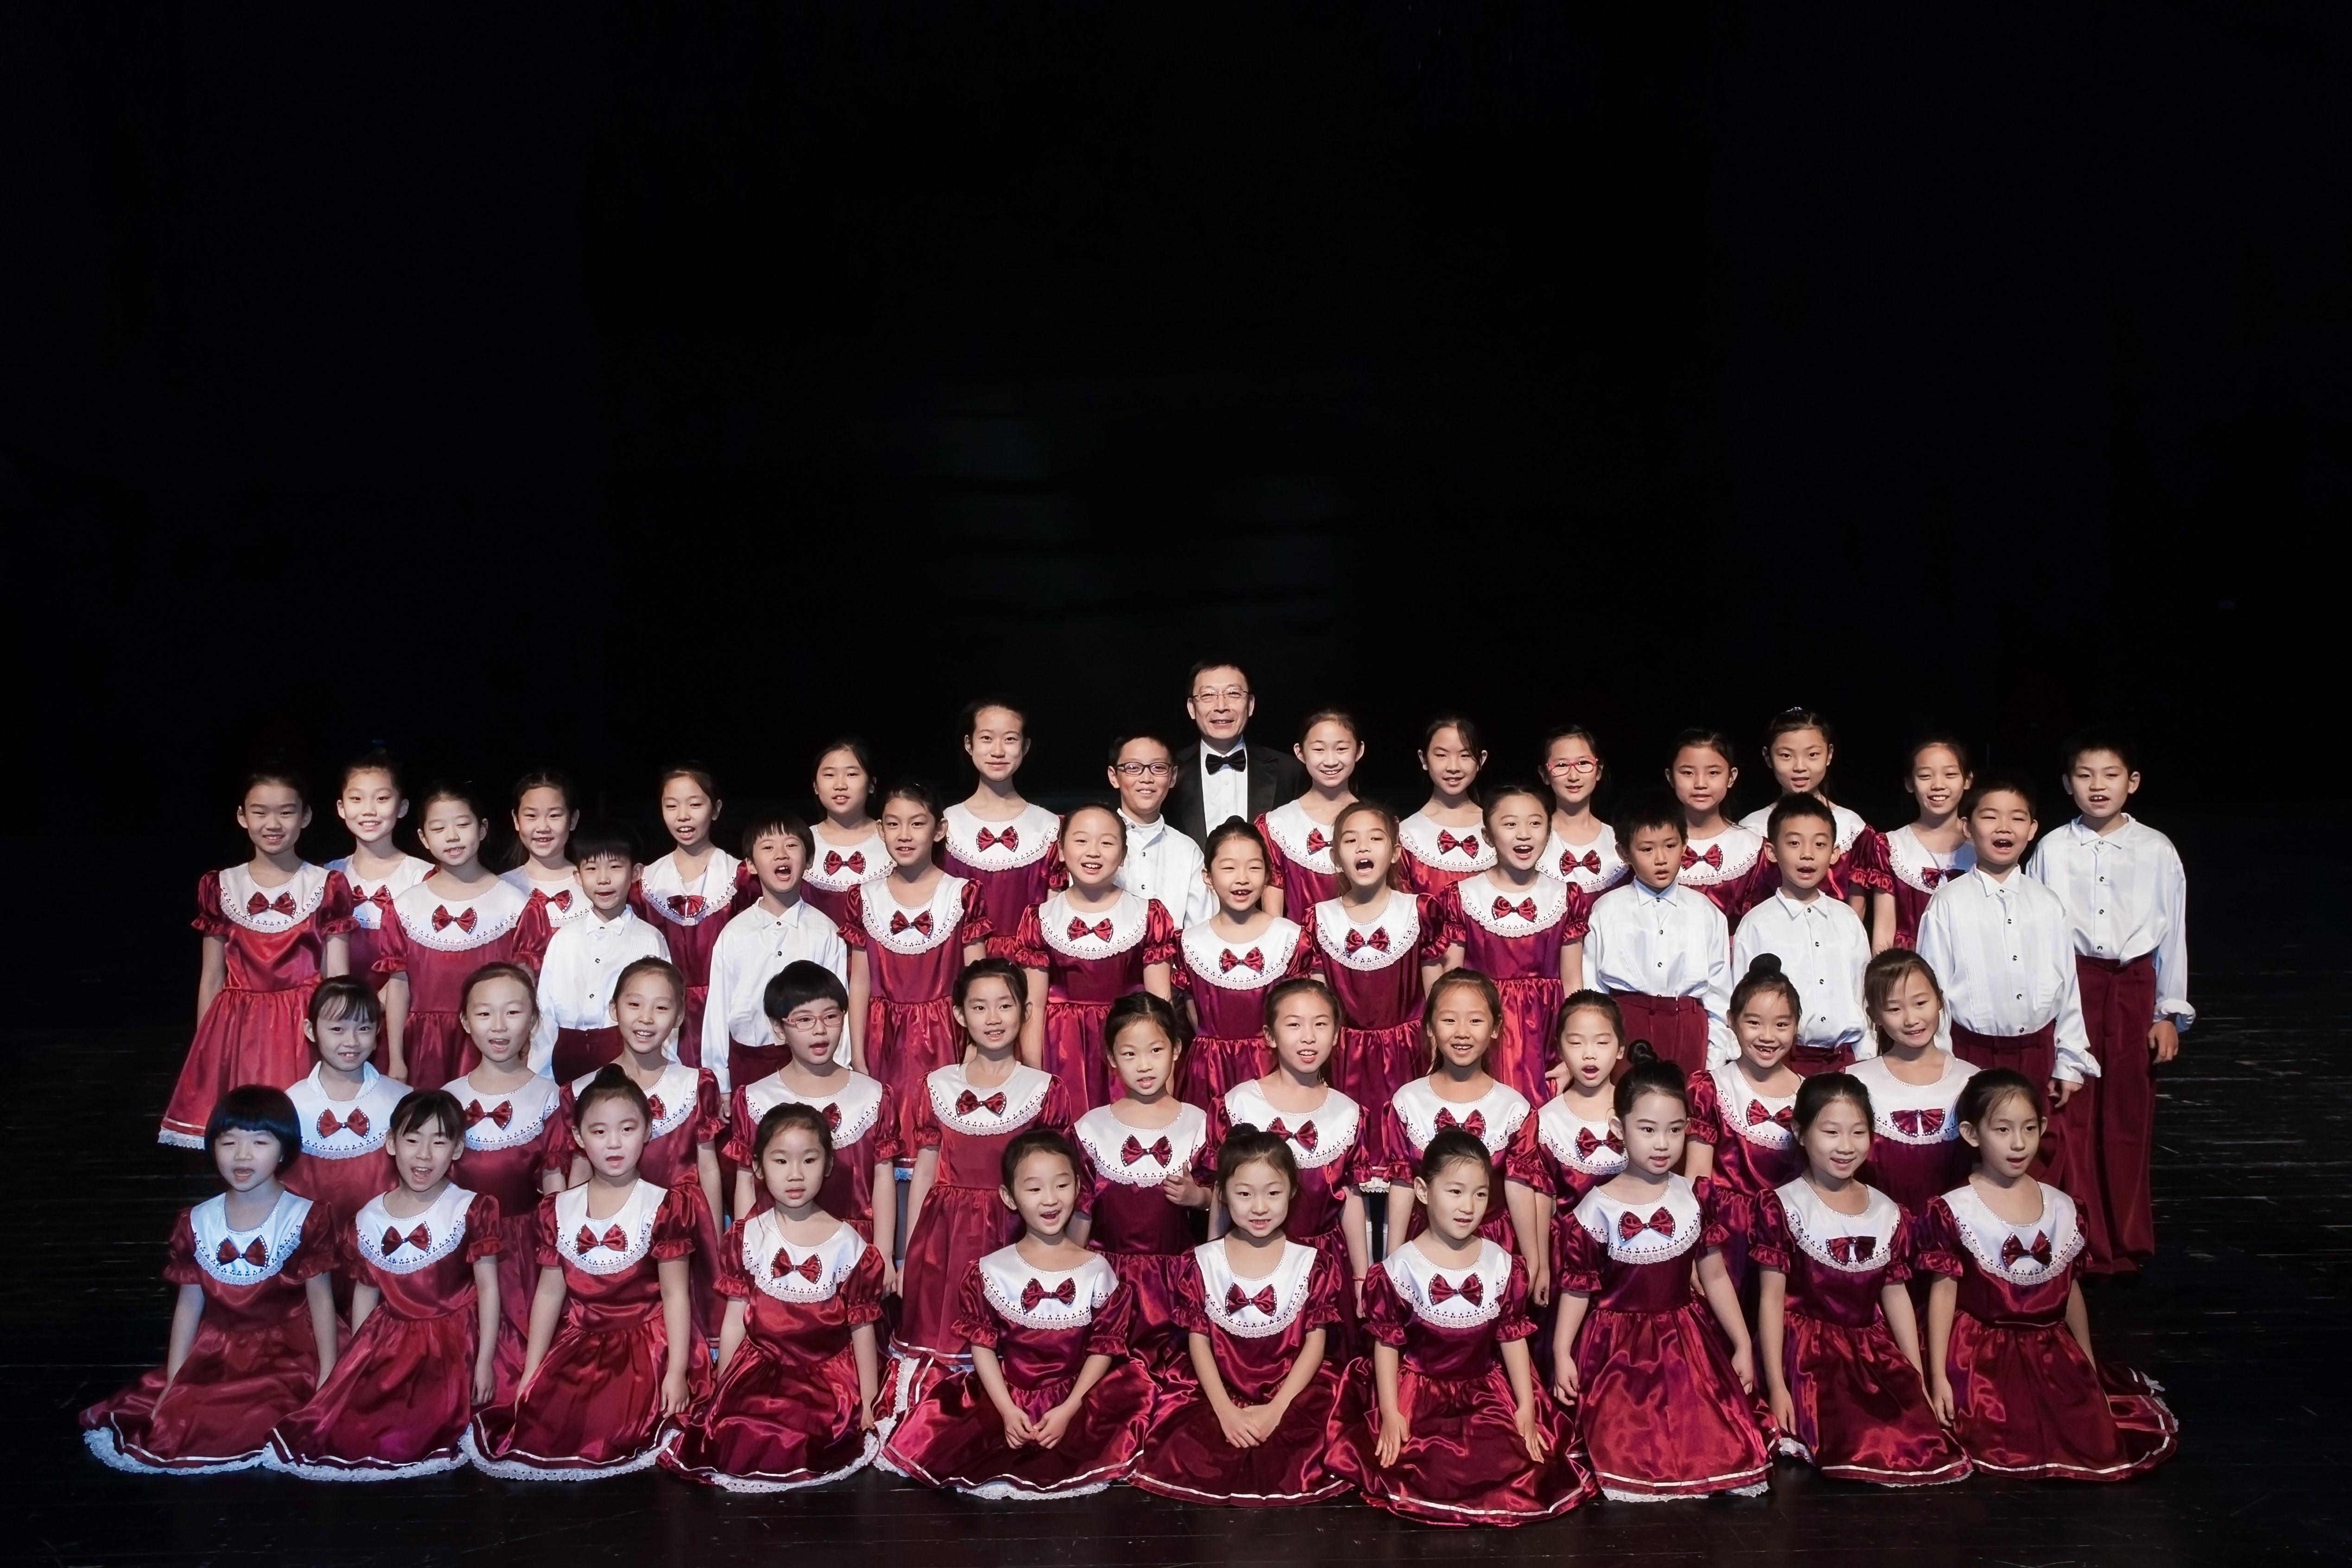 2020北京天橋藝術中心童聲合唱團 (暨中國國際合唱節附屬童聲示范團)招生簡章 TQPAC Children's Choir